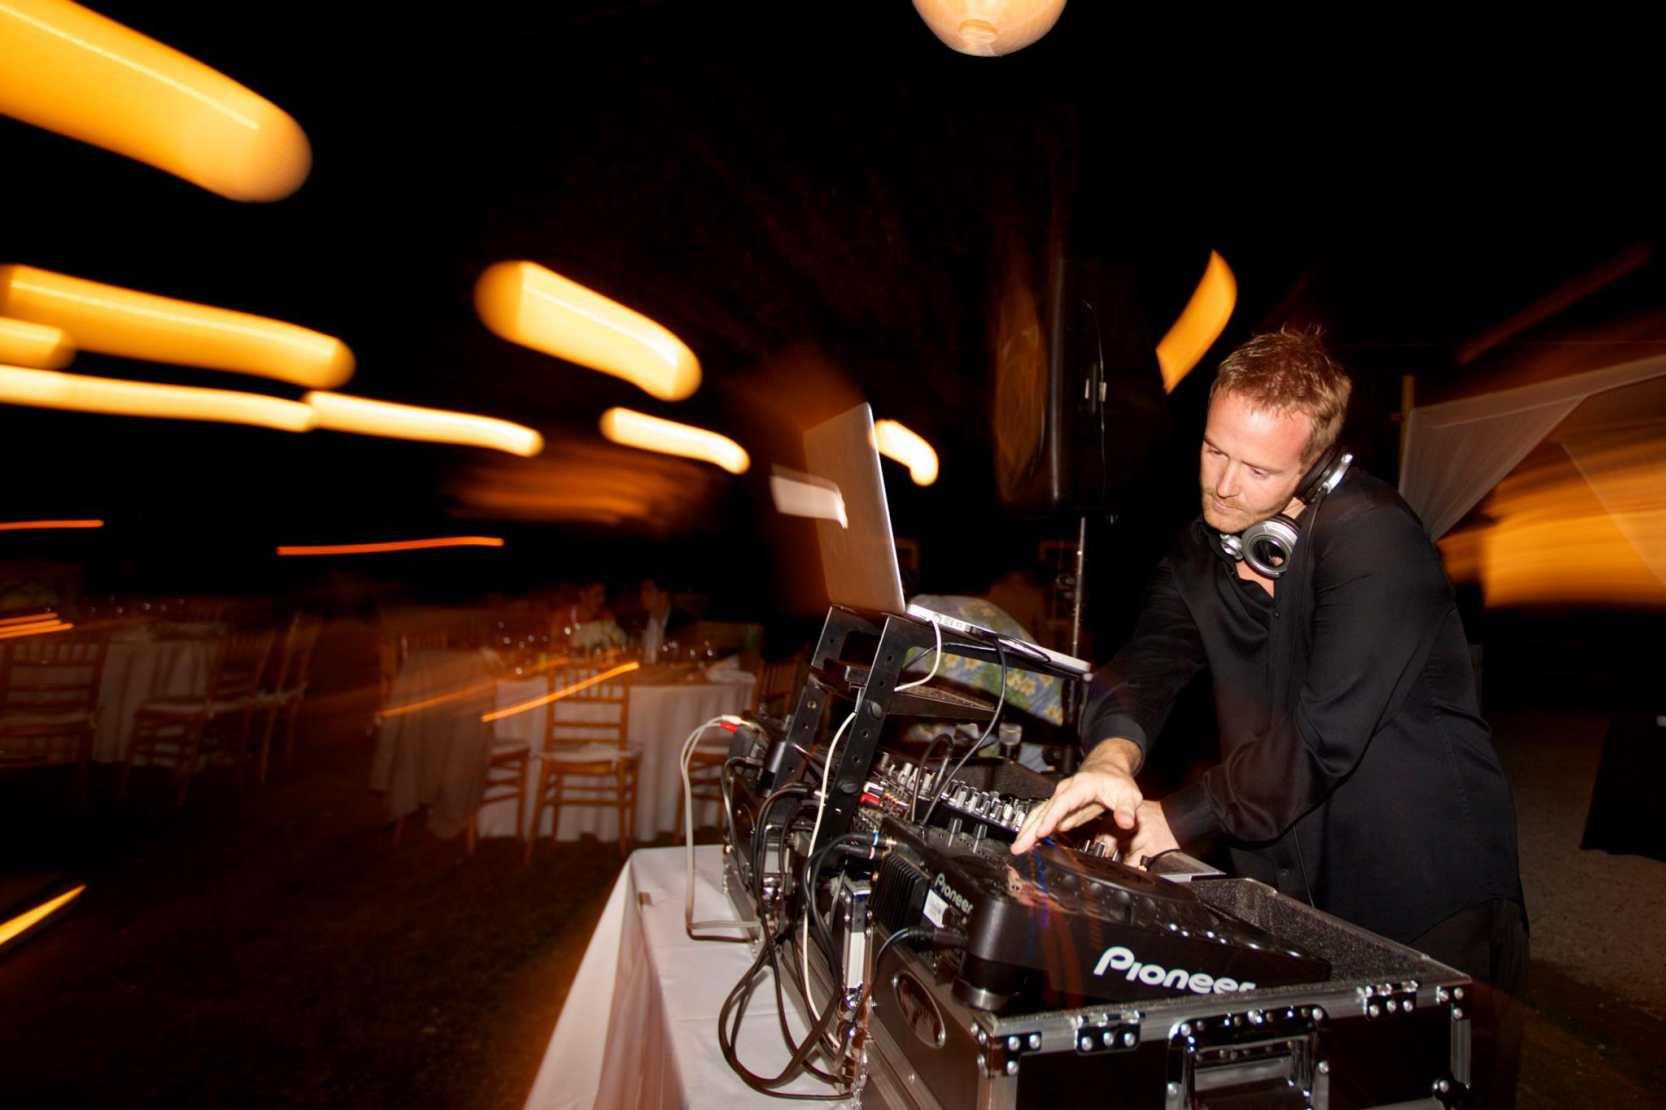 Owner & Premiere DJ ScottyD